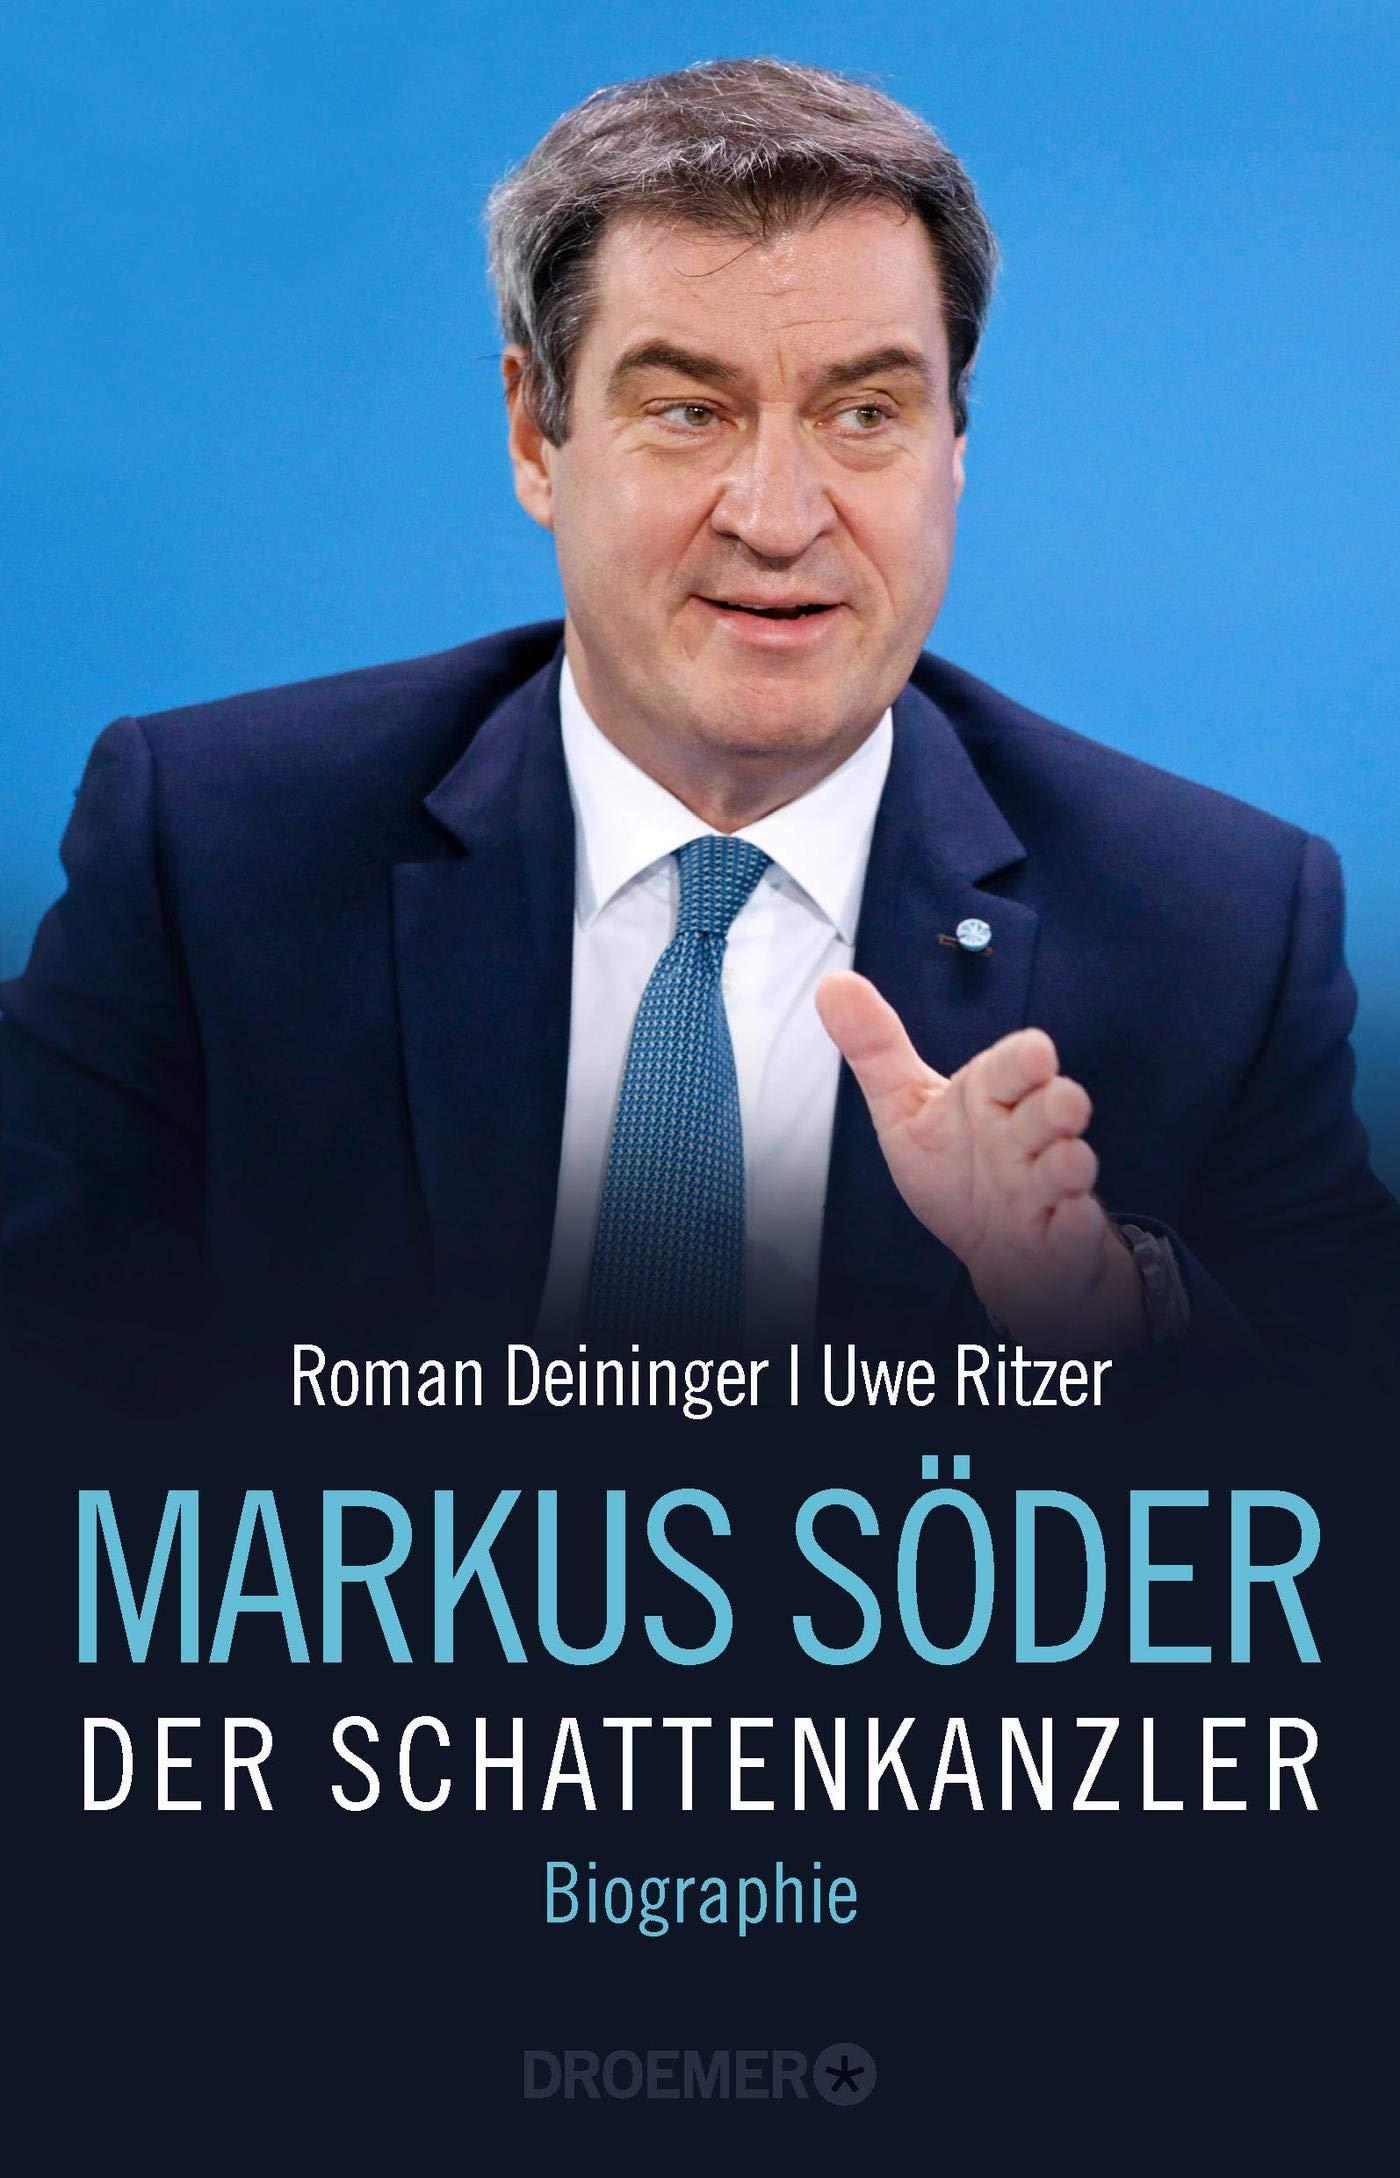 Markus Soder Der Schattenkanzler 9783426278567 Amazon Com Books